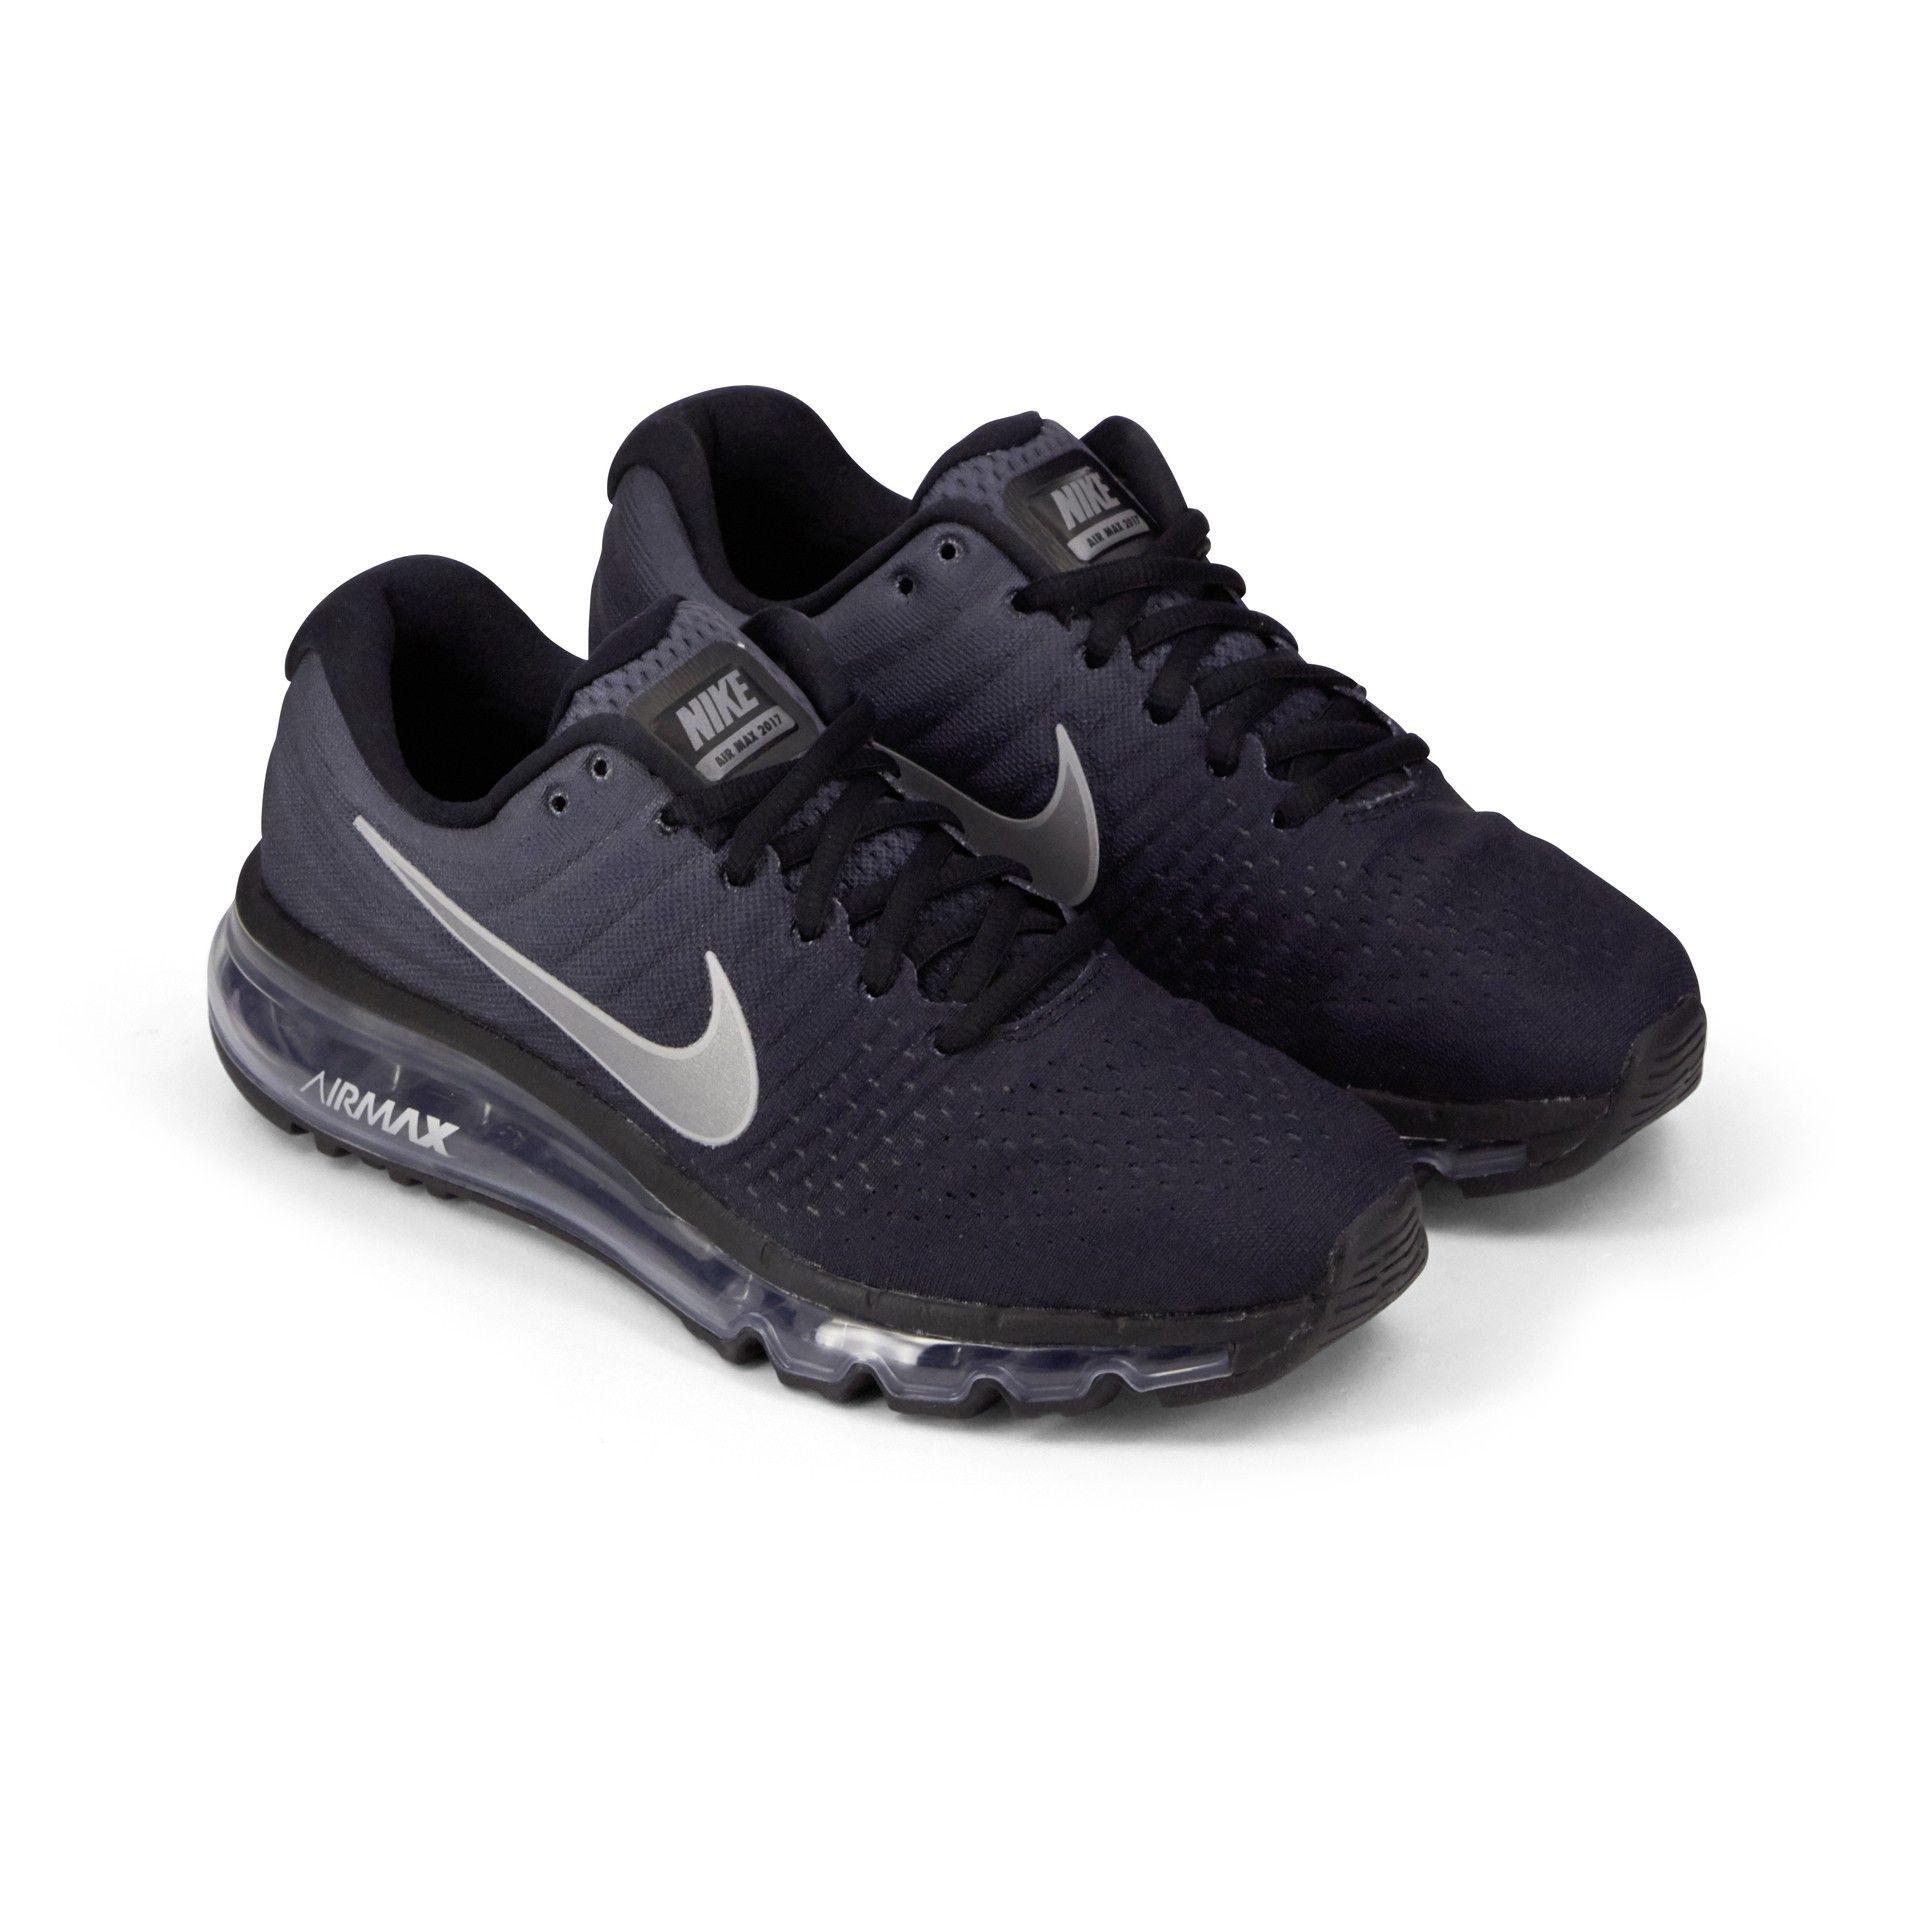 AIR MAX 2017 | Nike air max